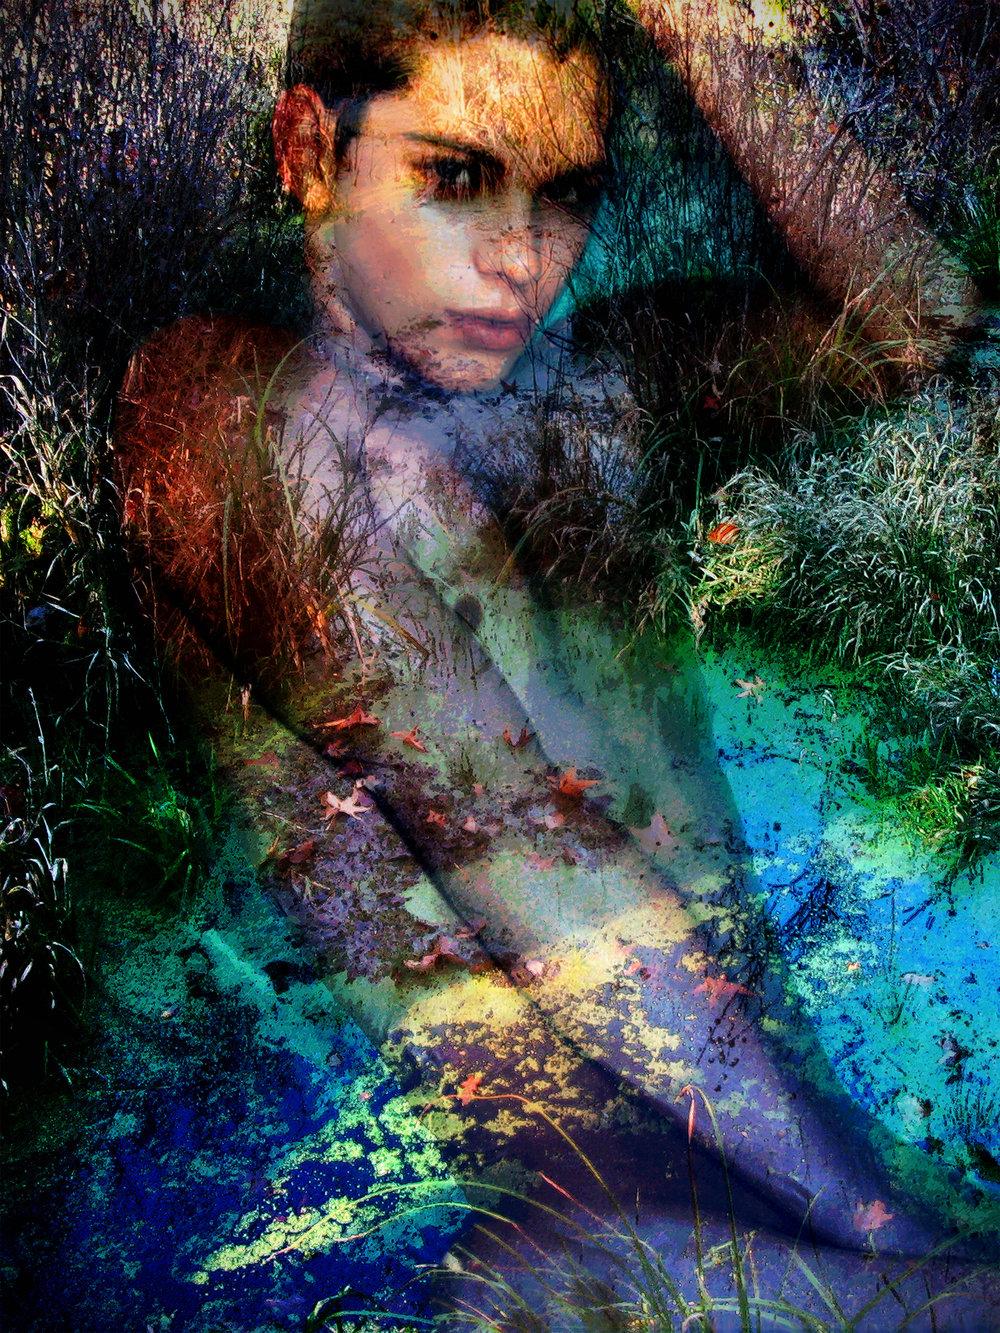 John Waiblinger-River Faun-Digital Art on paper-12x16-Ed1of5-2018 -framed$675.jpg